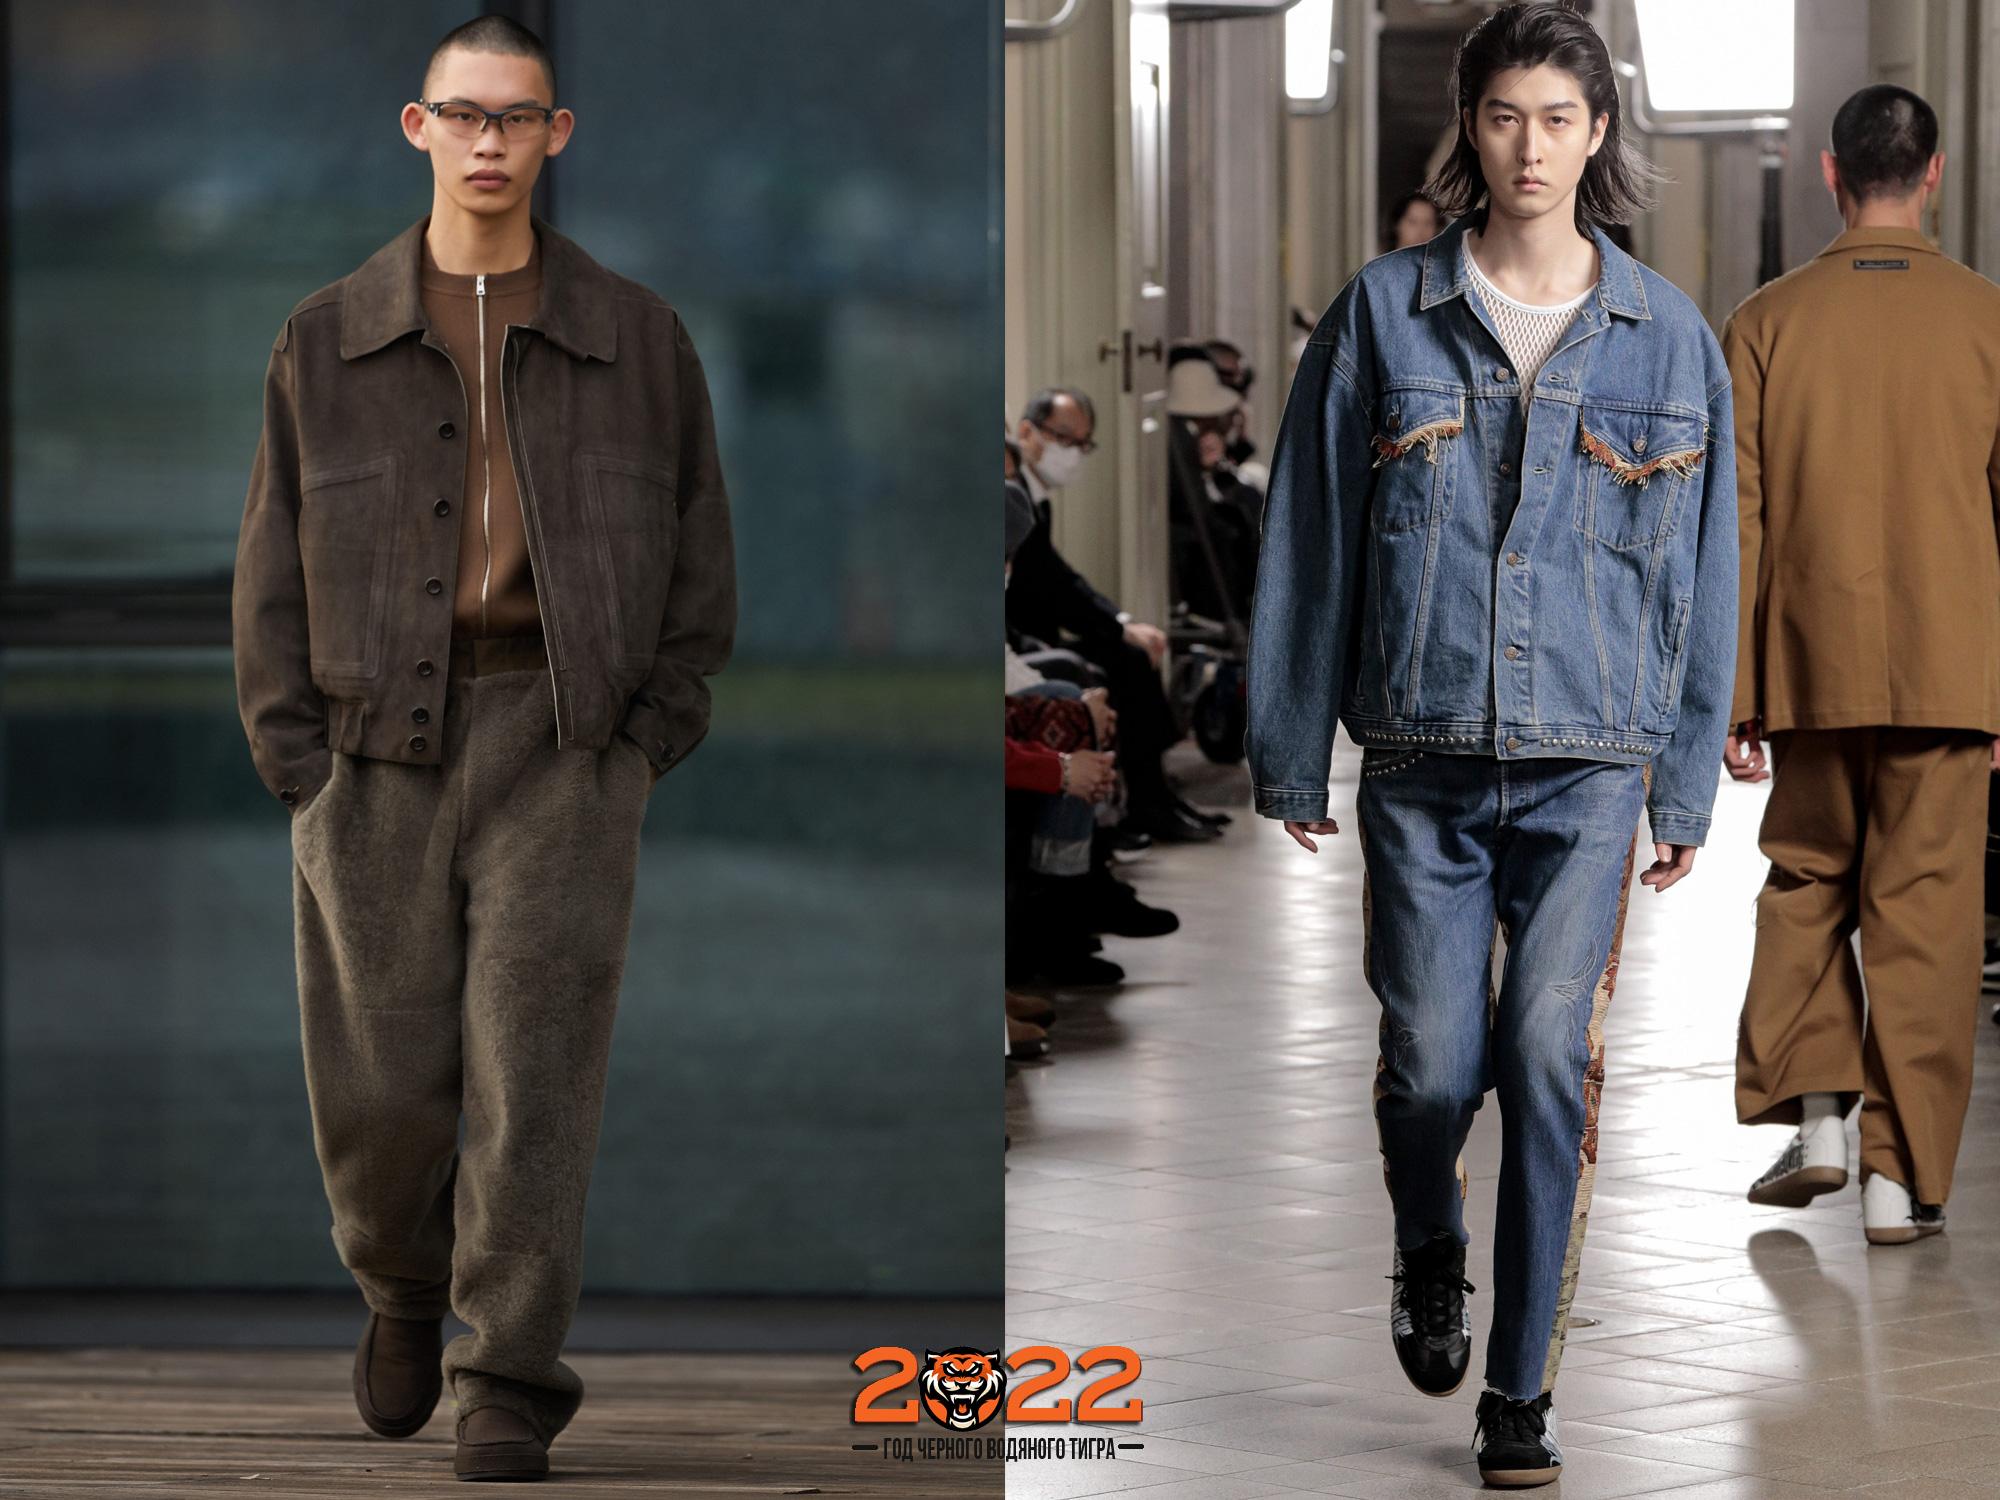 Мужская мода осень-зима 2021-2022 - джинсовые костюмы